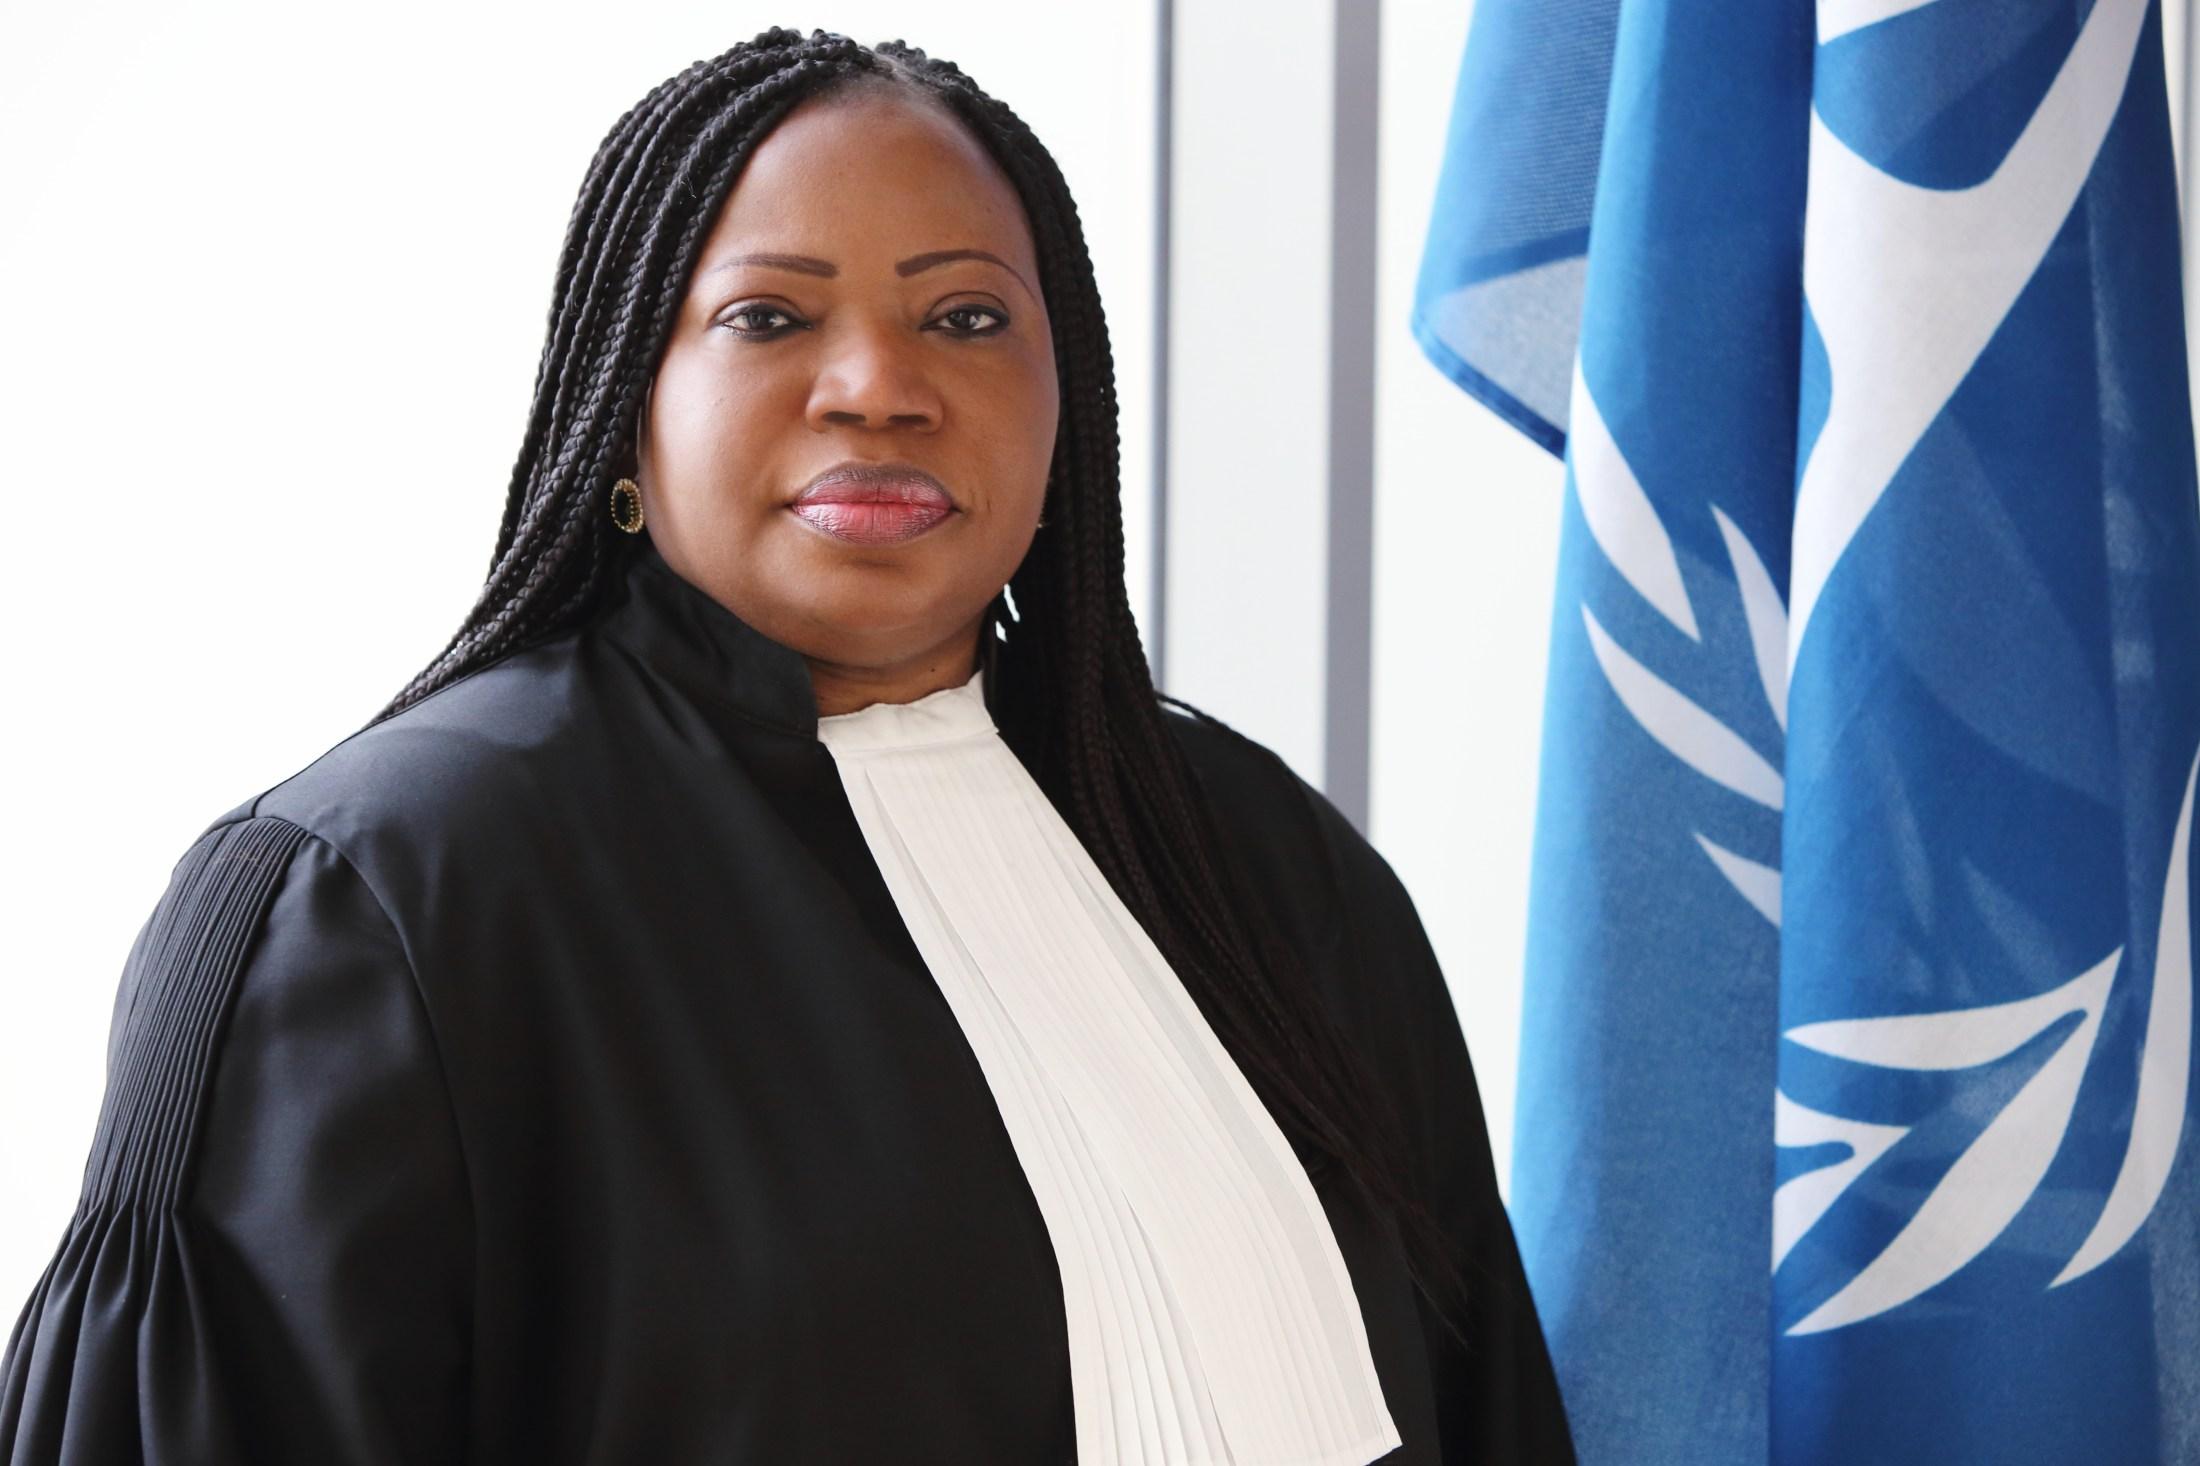 Sortie de Bensouda sur la Guinée :Plus tard, ce sera trop tard